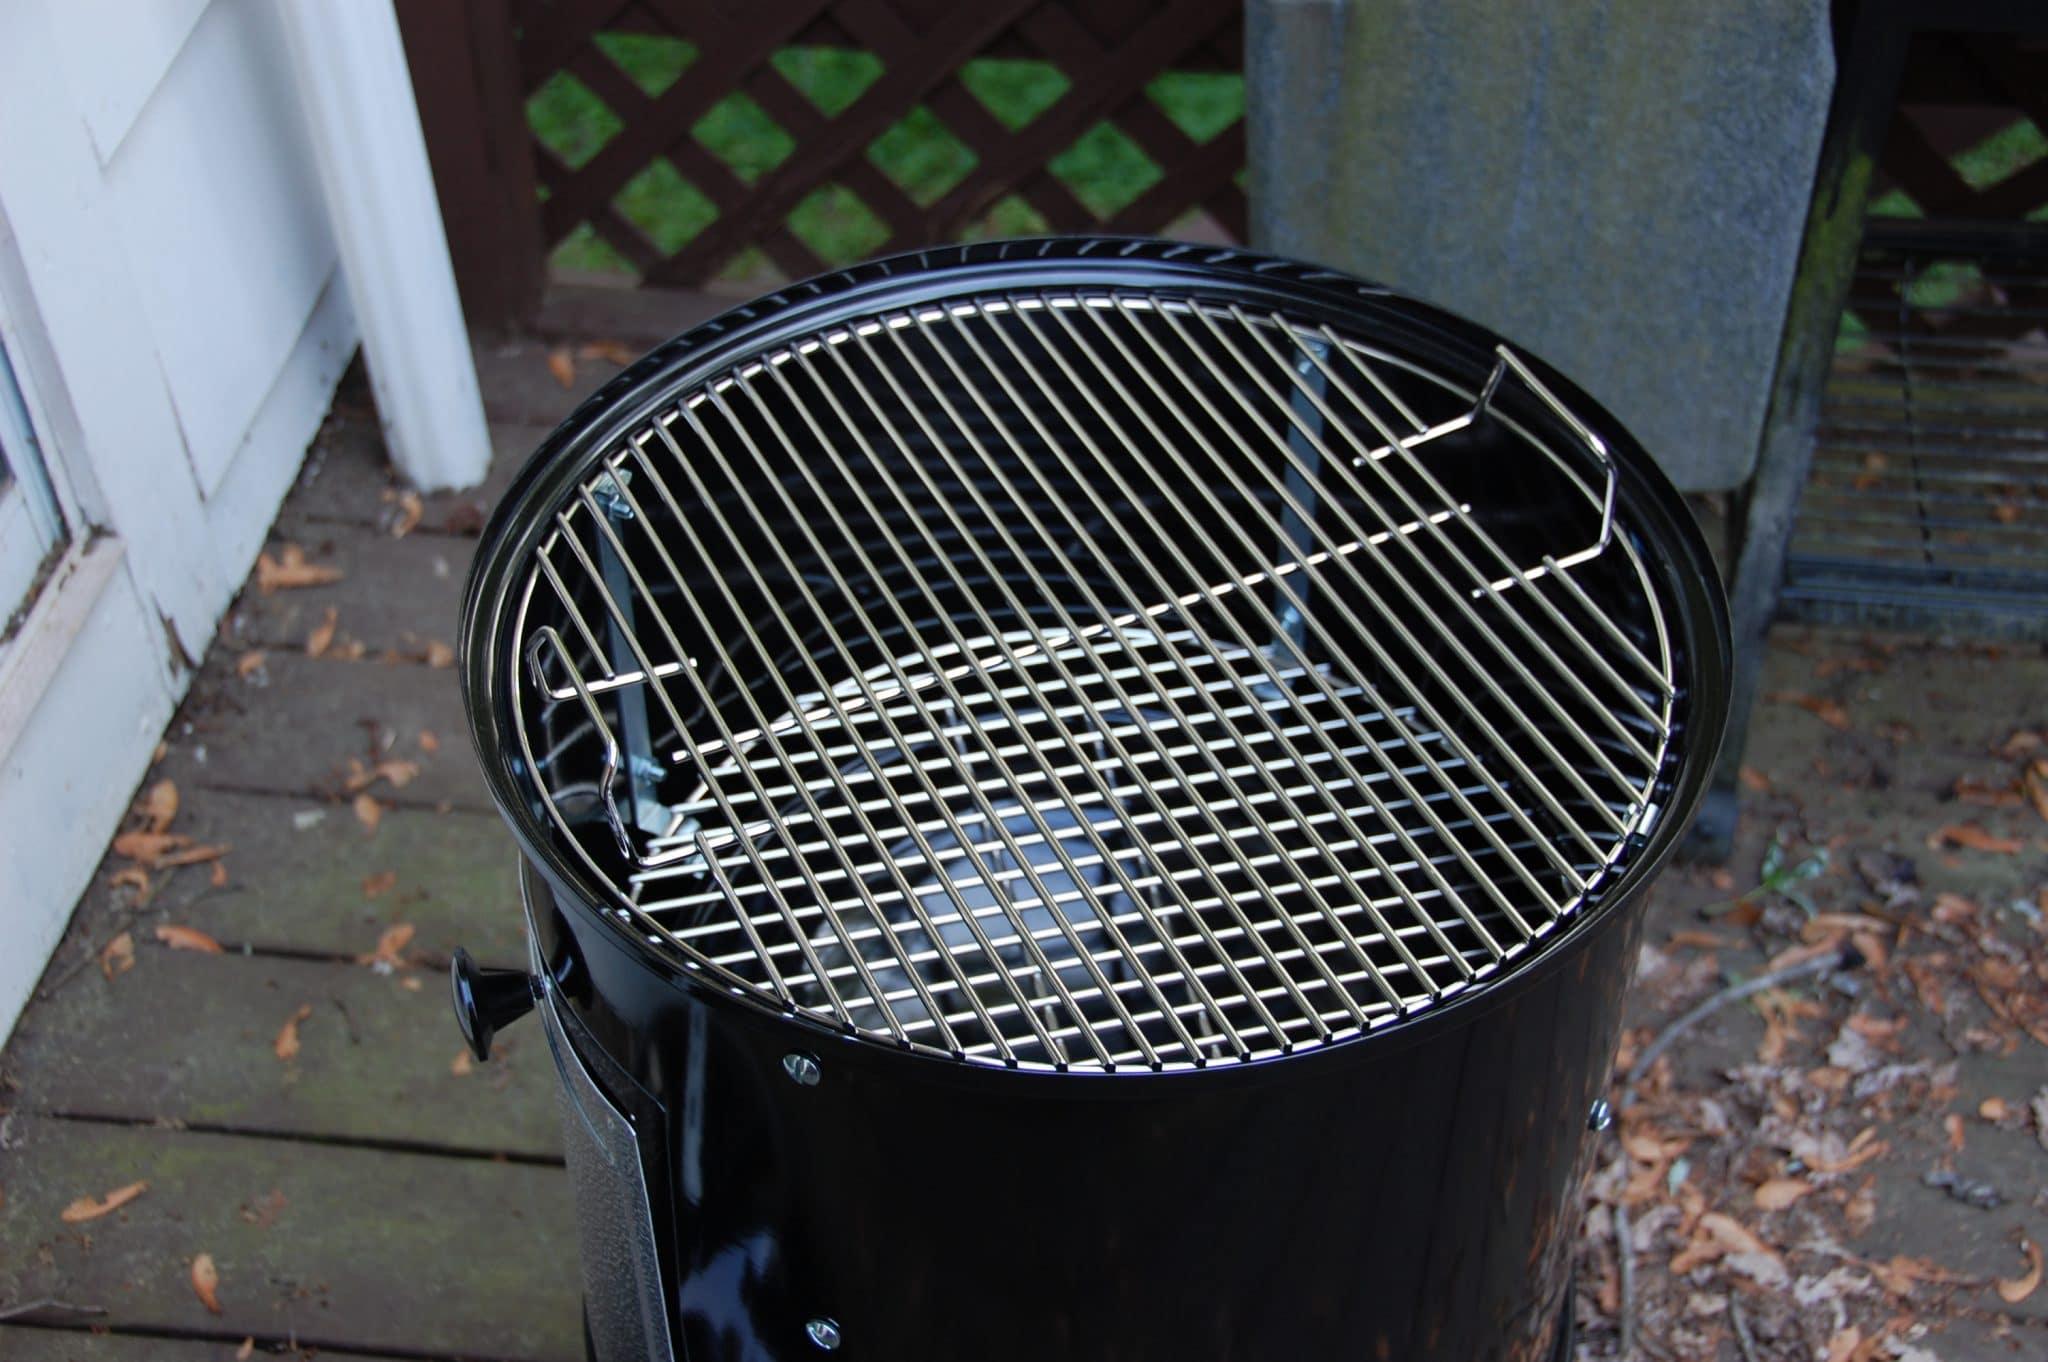 grill model, backyard bbq